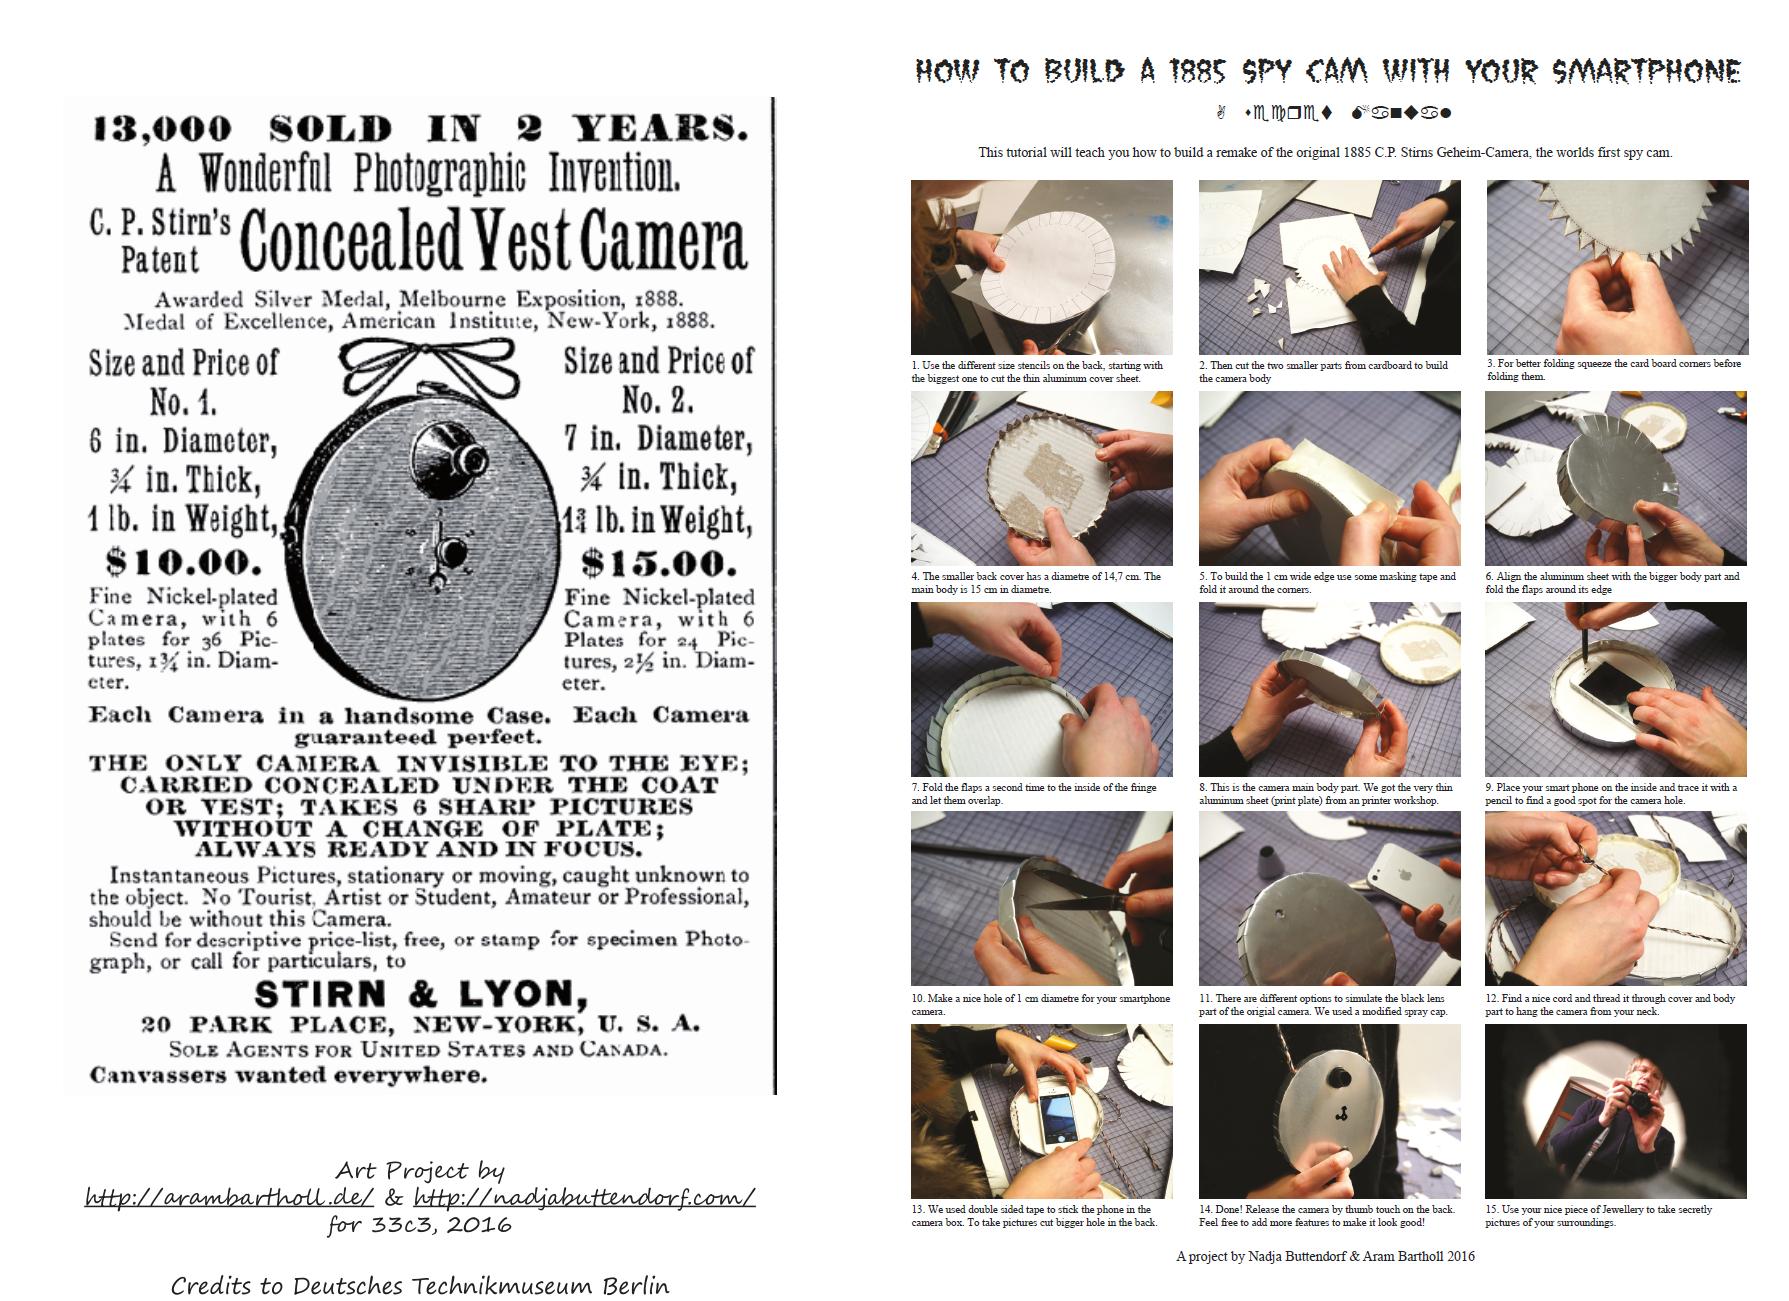 geheim-camera-cp-stirns-workshop-33c3-1